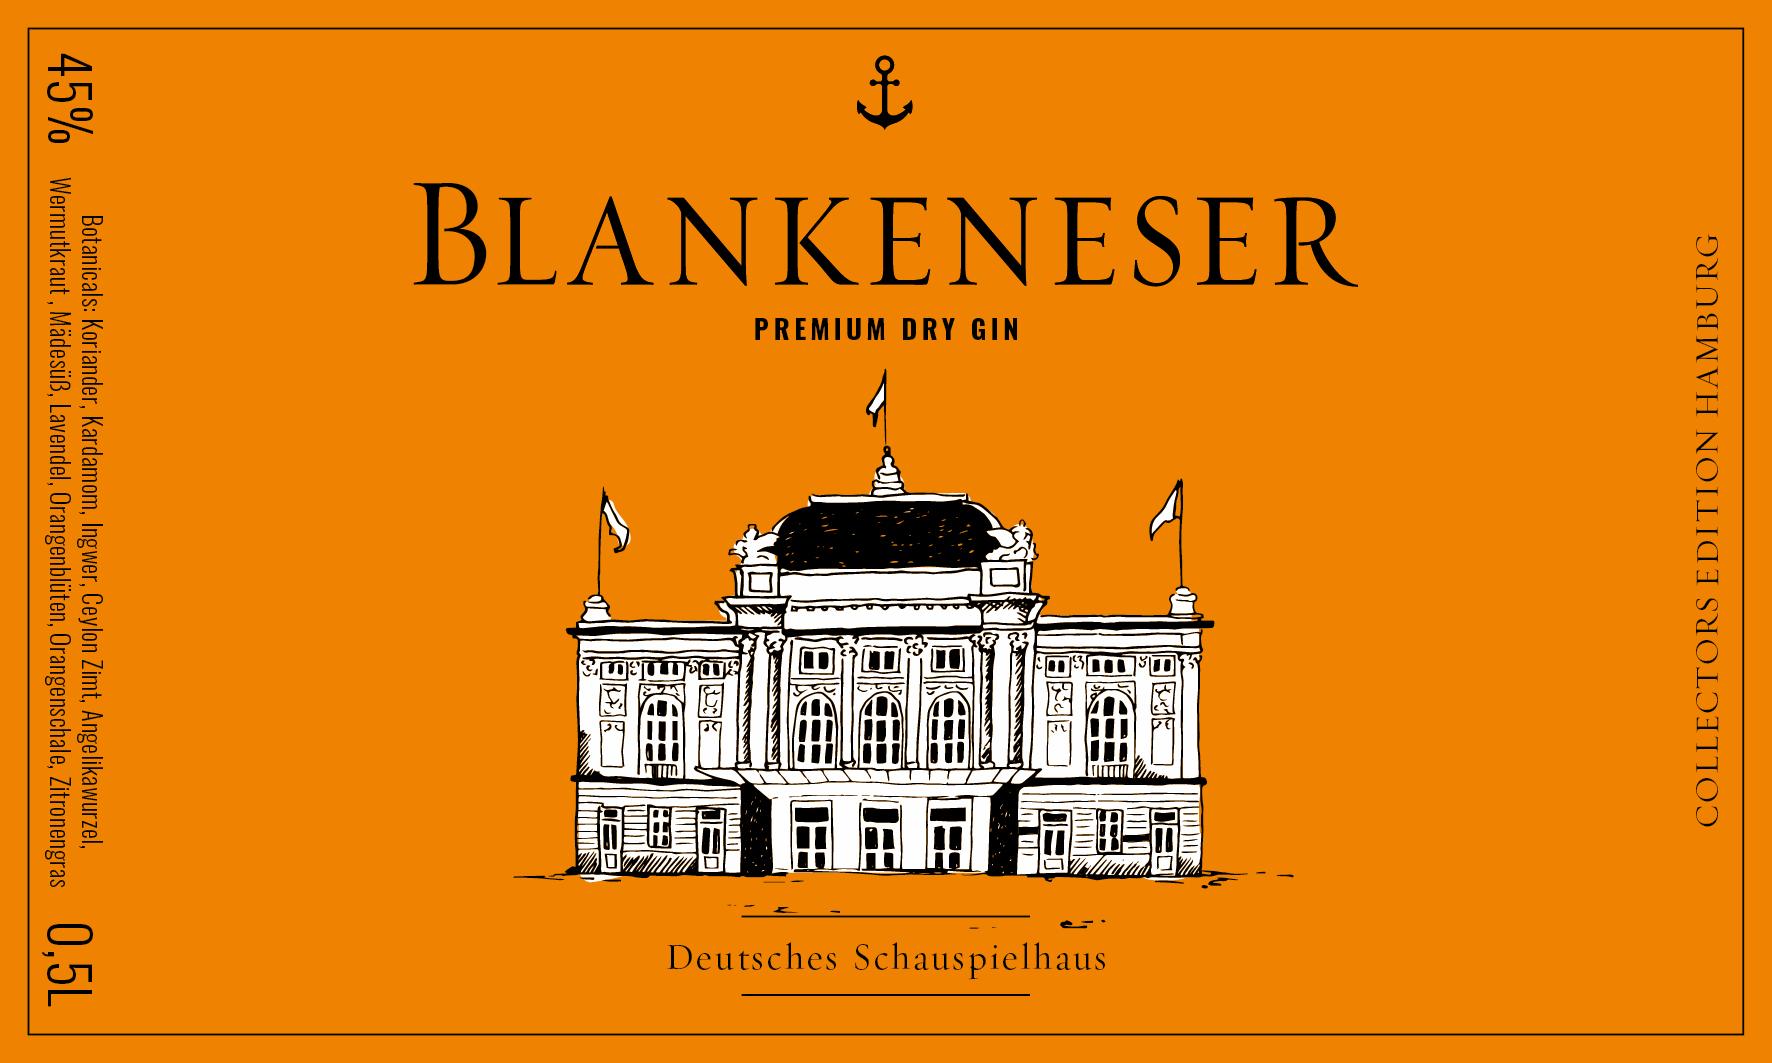 Motiv Deutsches Schauspielhaus